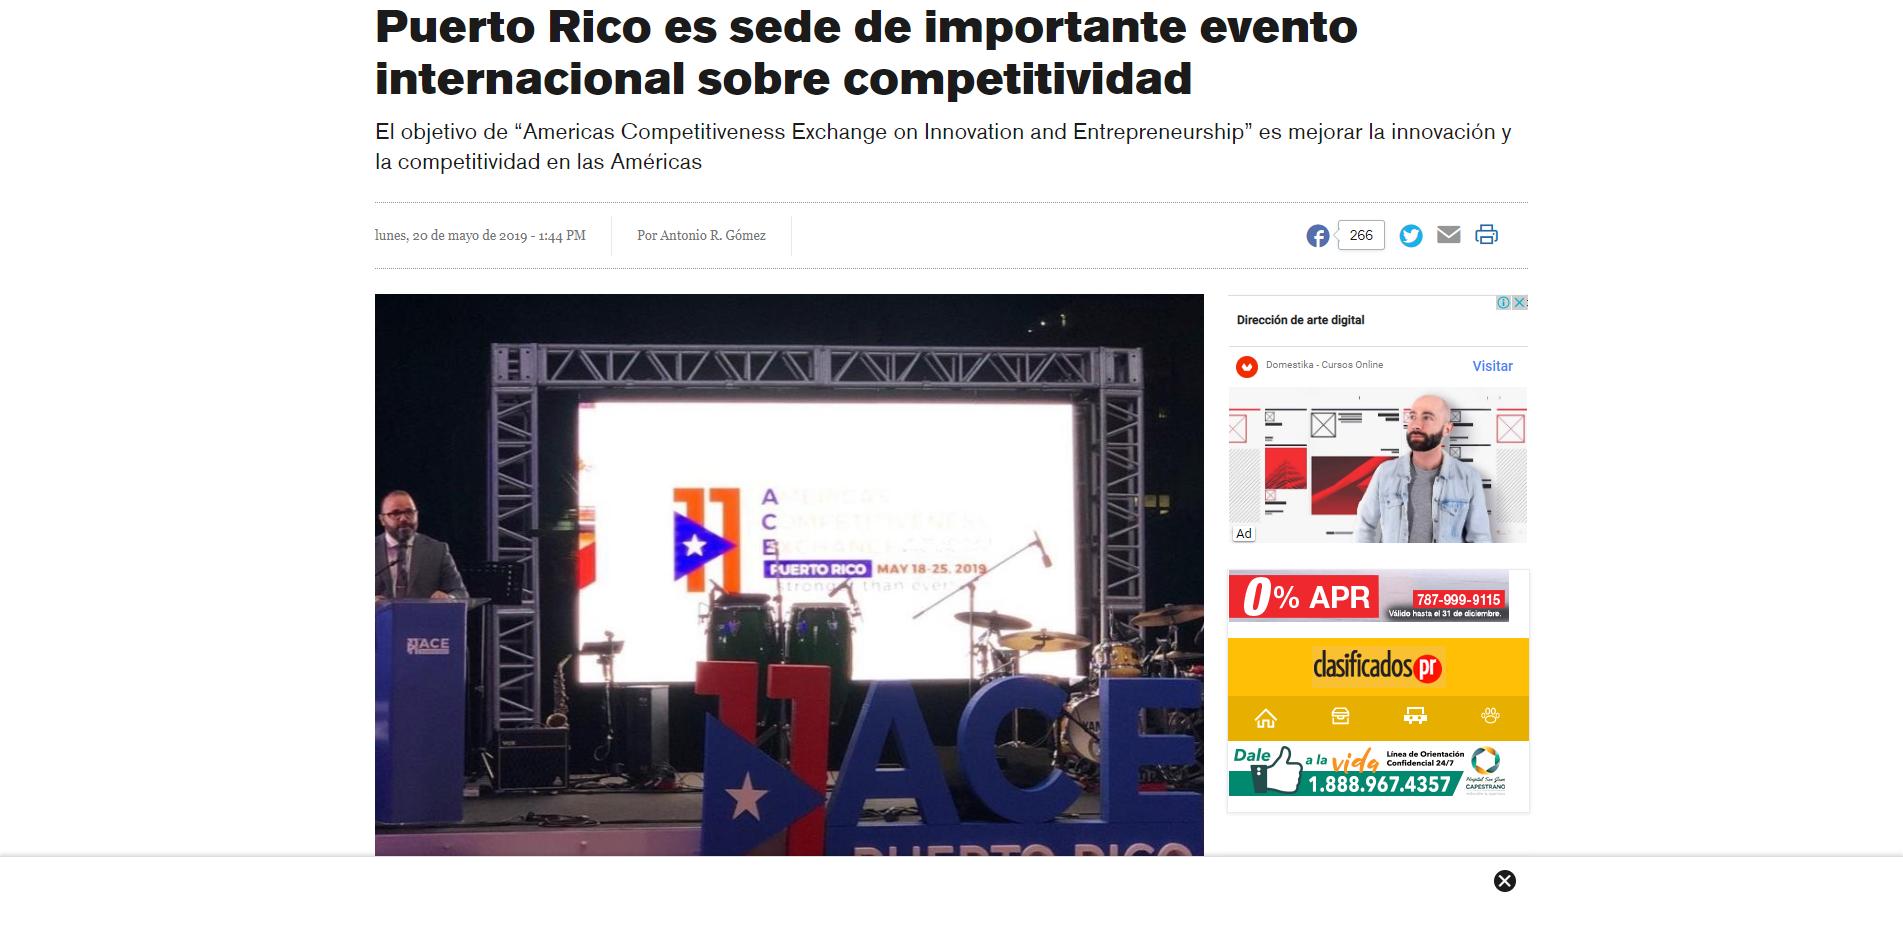 """Puerto Rico es Sede de Importante Evento Internacional Sobre Competitividad"""", El Nuevo Día, May 20, 2019,"""